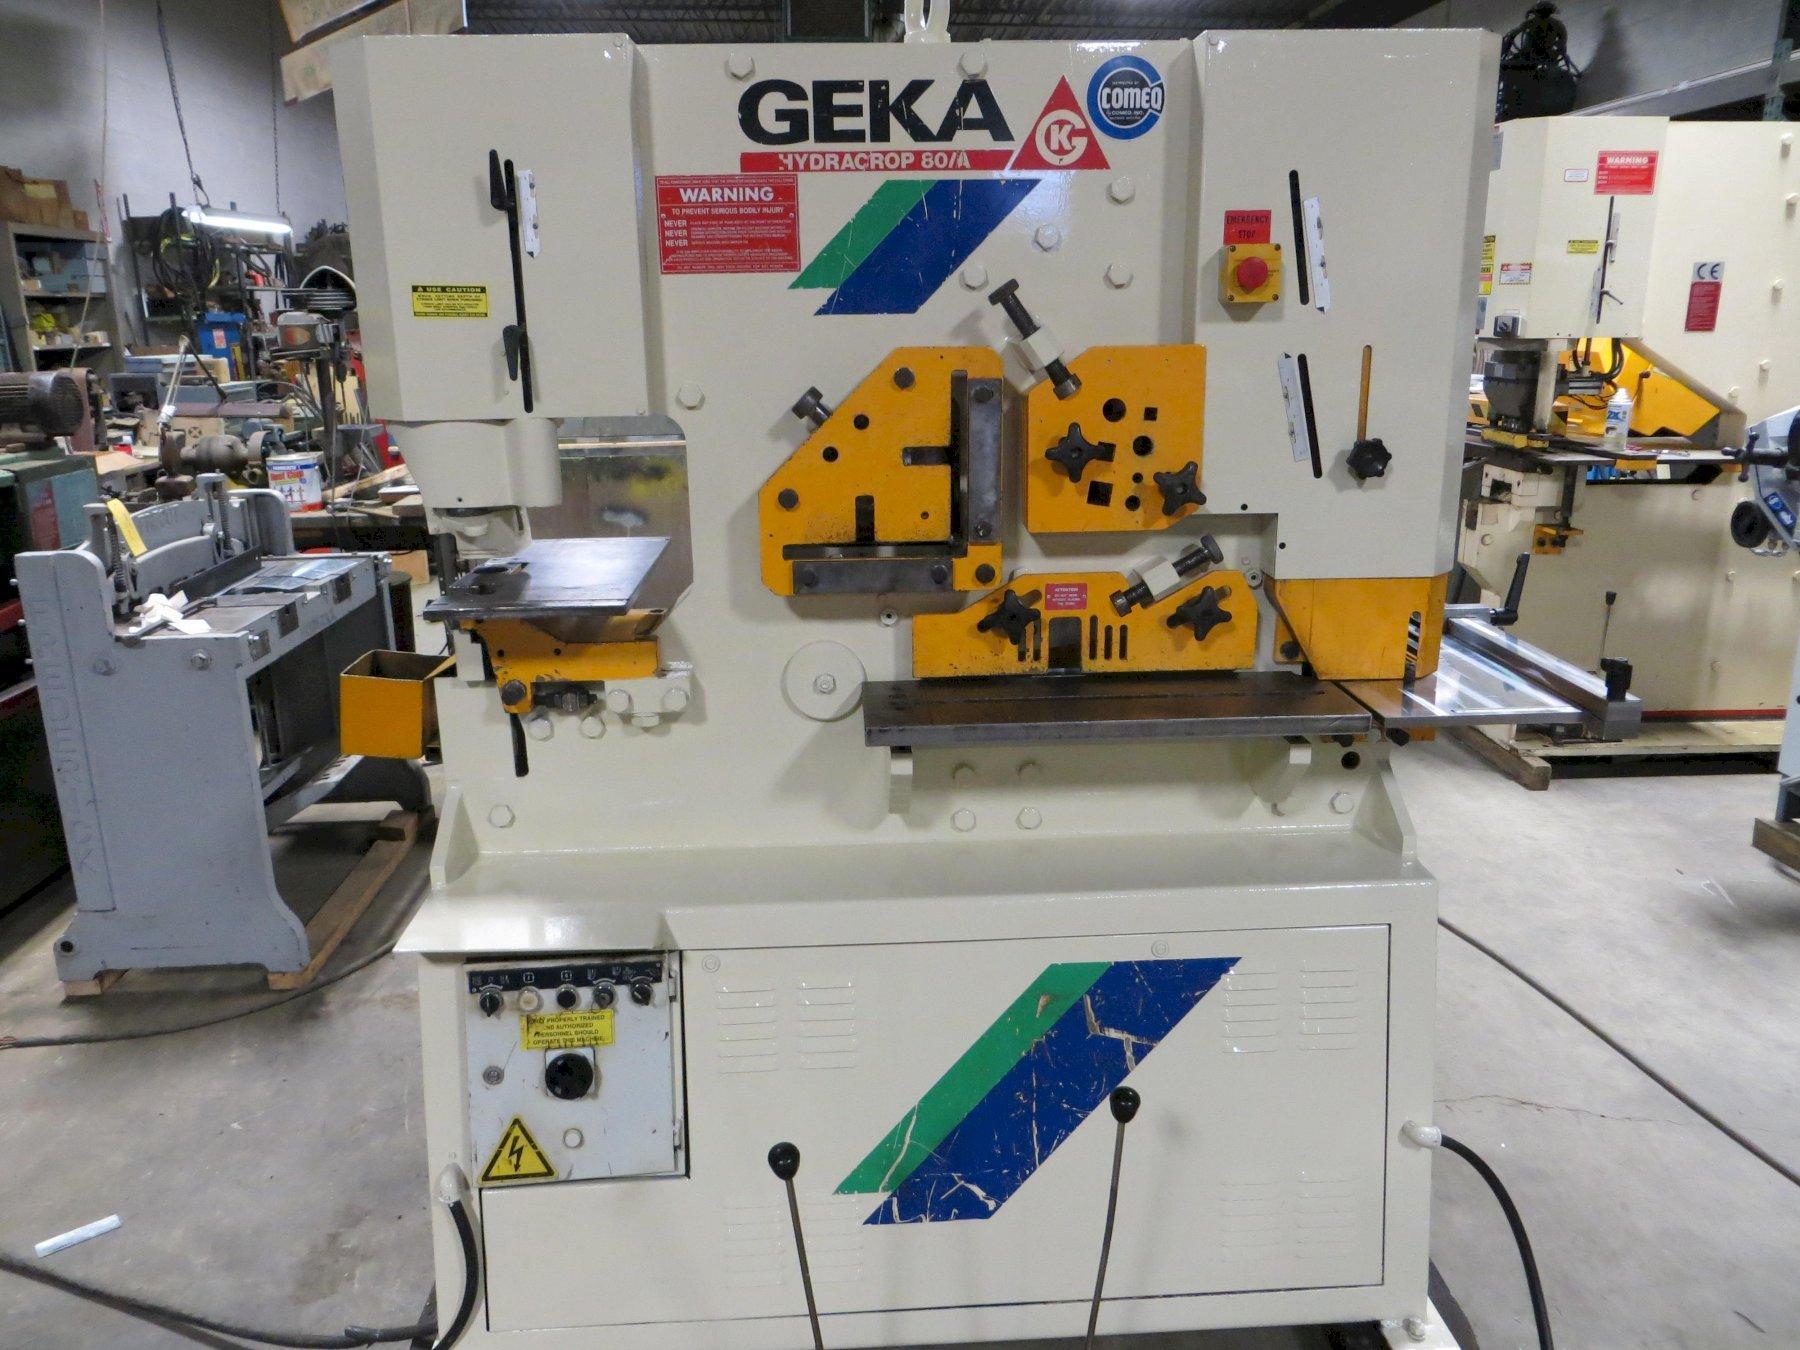 88 Ton, Geka Hydraulic Ironworker Model Hydracrop 80A - Dual Operator